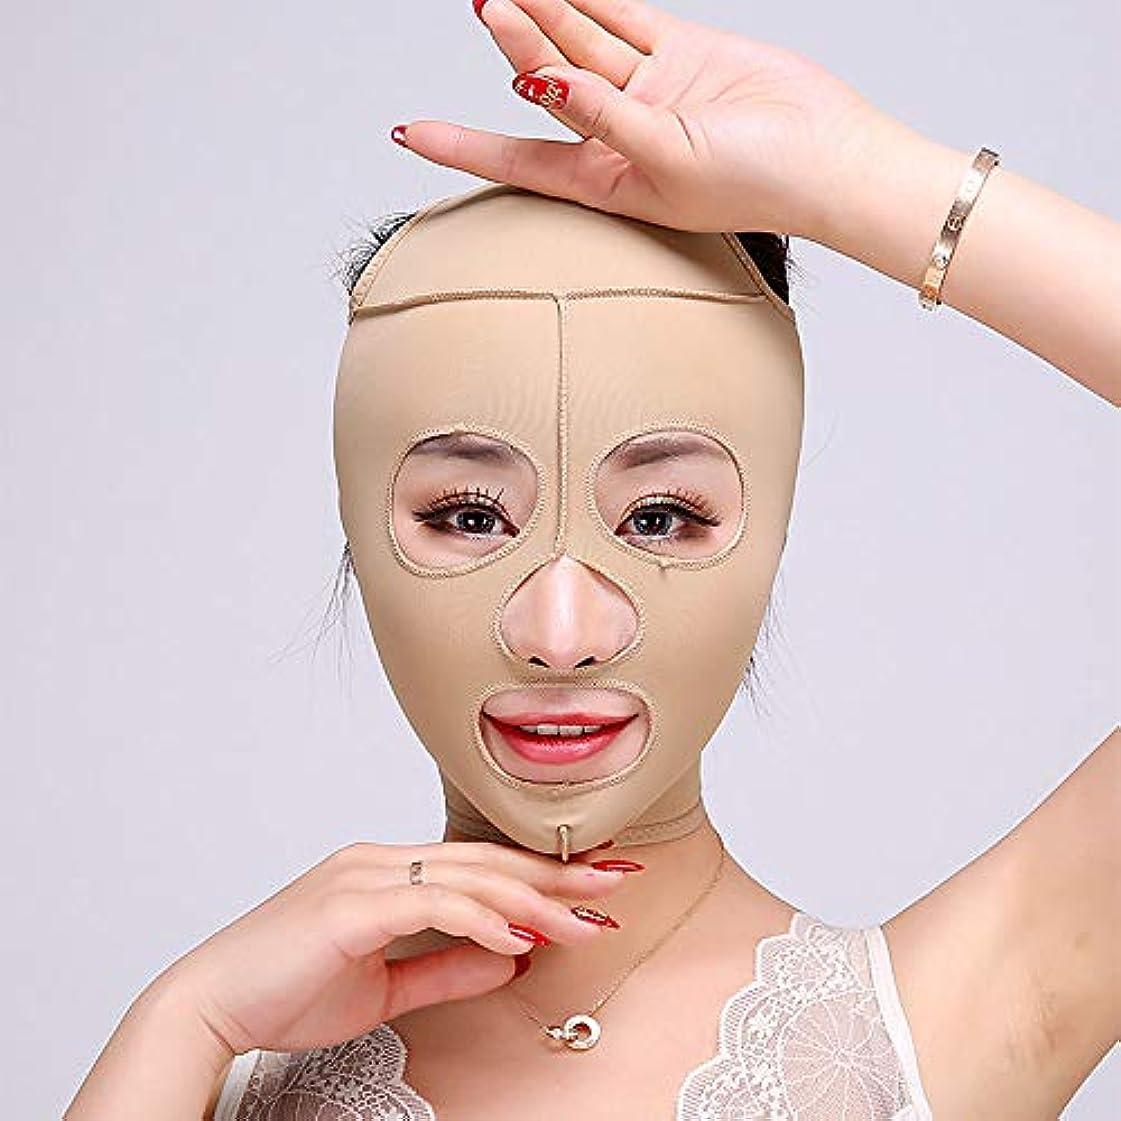 隠却下する性差別肌に優しい睡眠薄いフェイス包帯、小さなVフェイス包帯/フェイスマスク/リフティングフェイス引き締め改装二重あご(カラー)